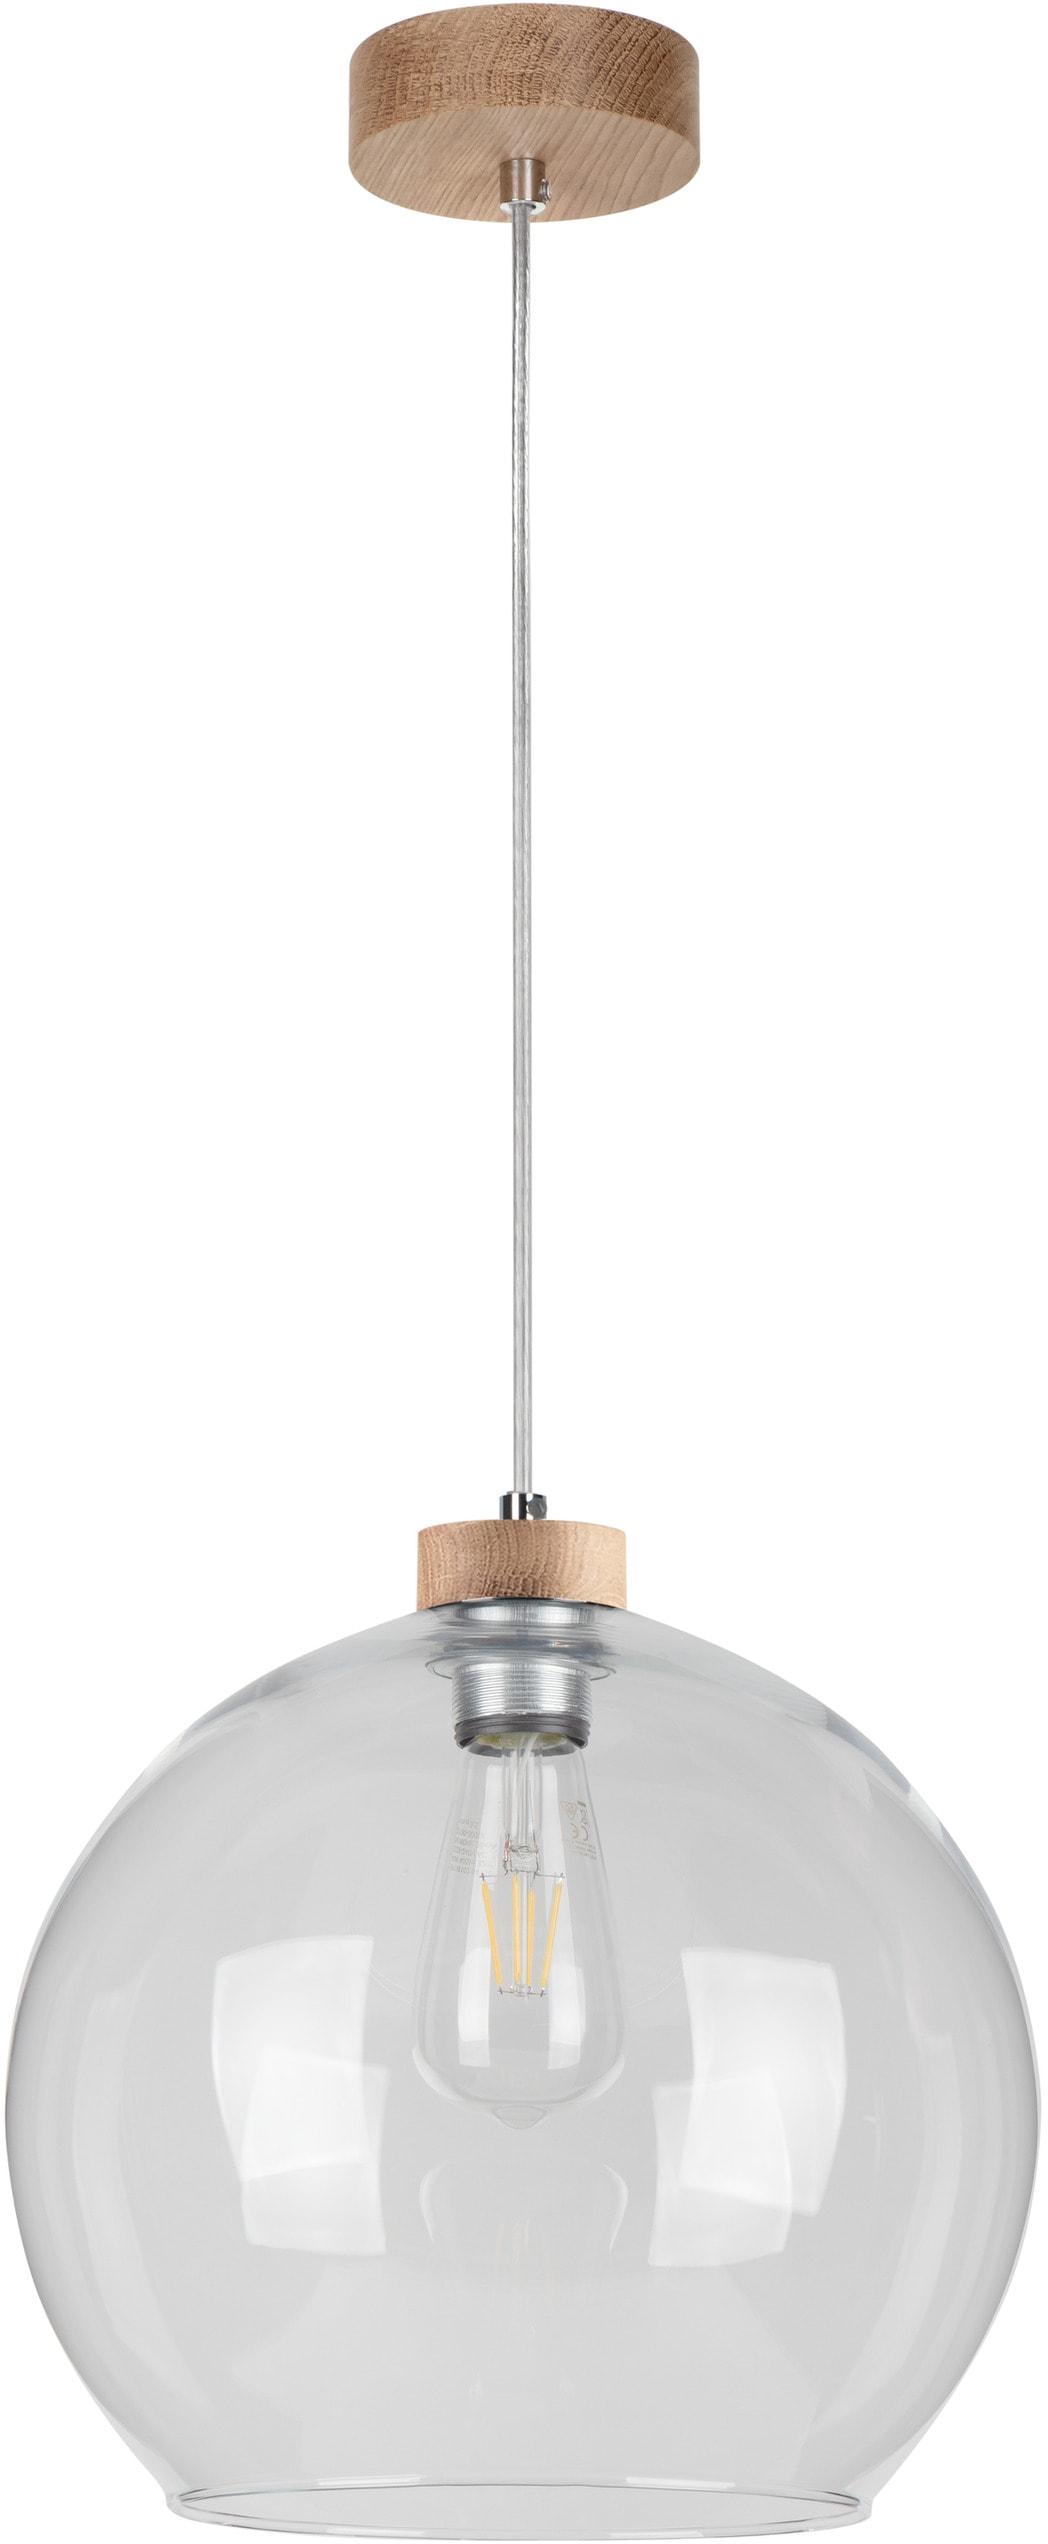 BRITOP LIGHTING Pendelleuchte LAGUNA, E27, 1 St., Naturprodukt aus Eichenholz, Nachhaltig mit FSC-Zertifikat, Hochwertiger Glasschirm, Made in EU